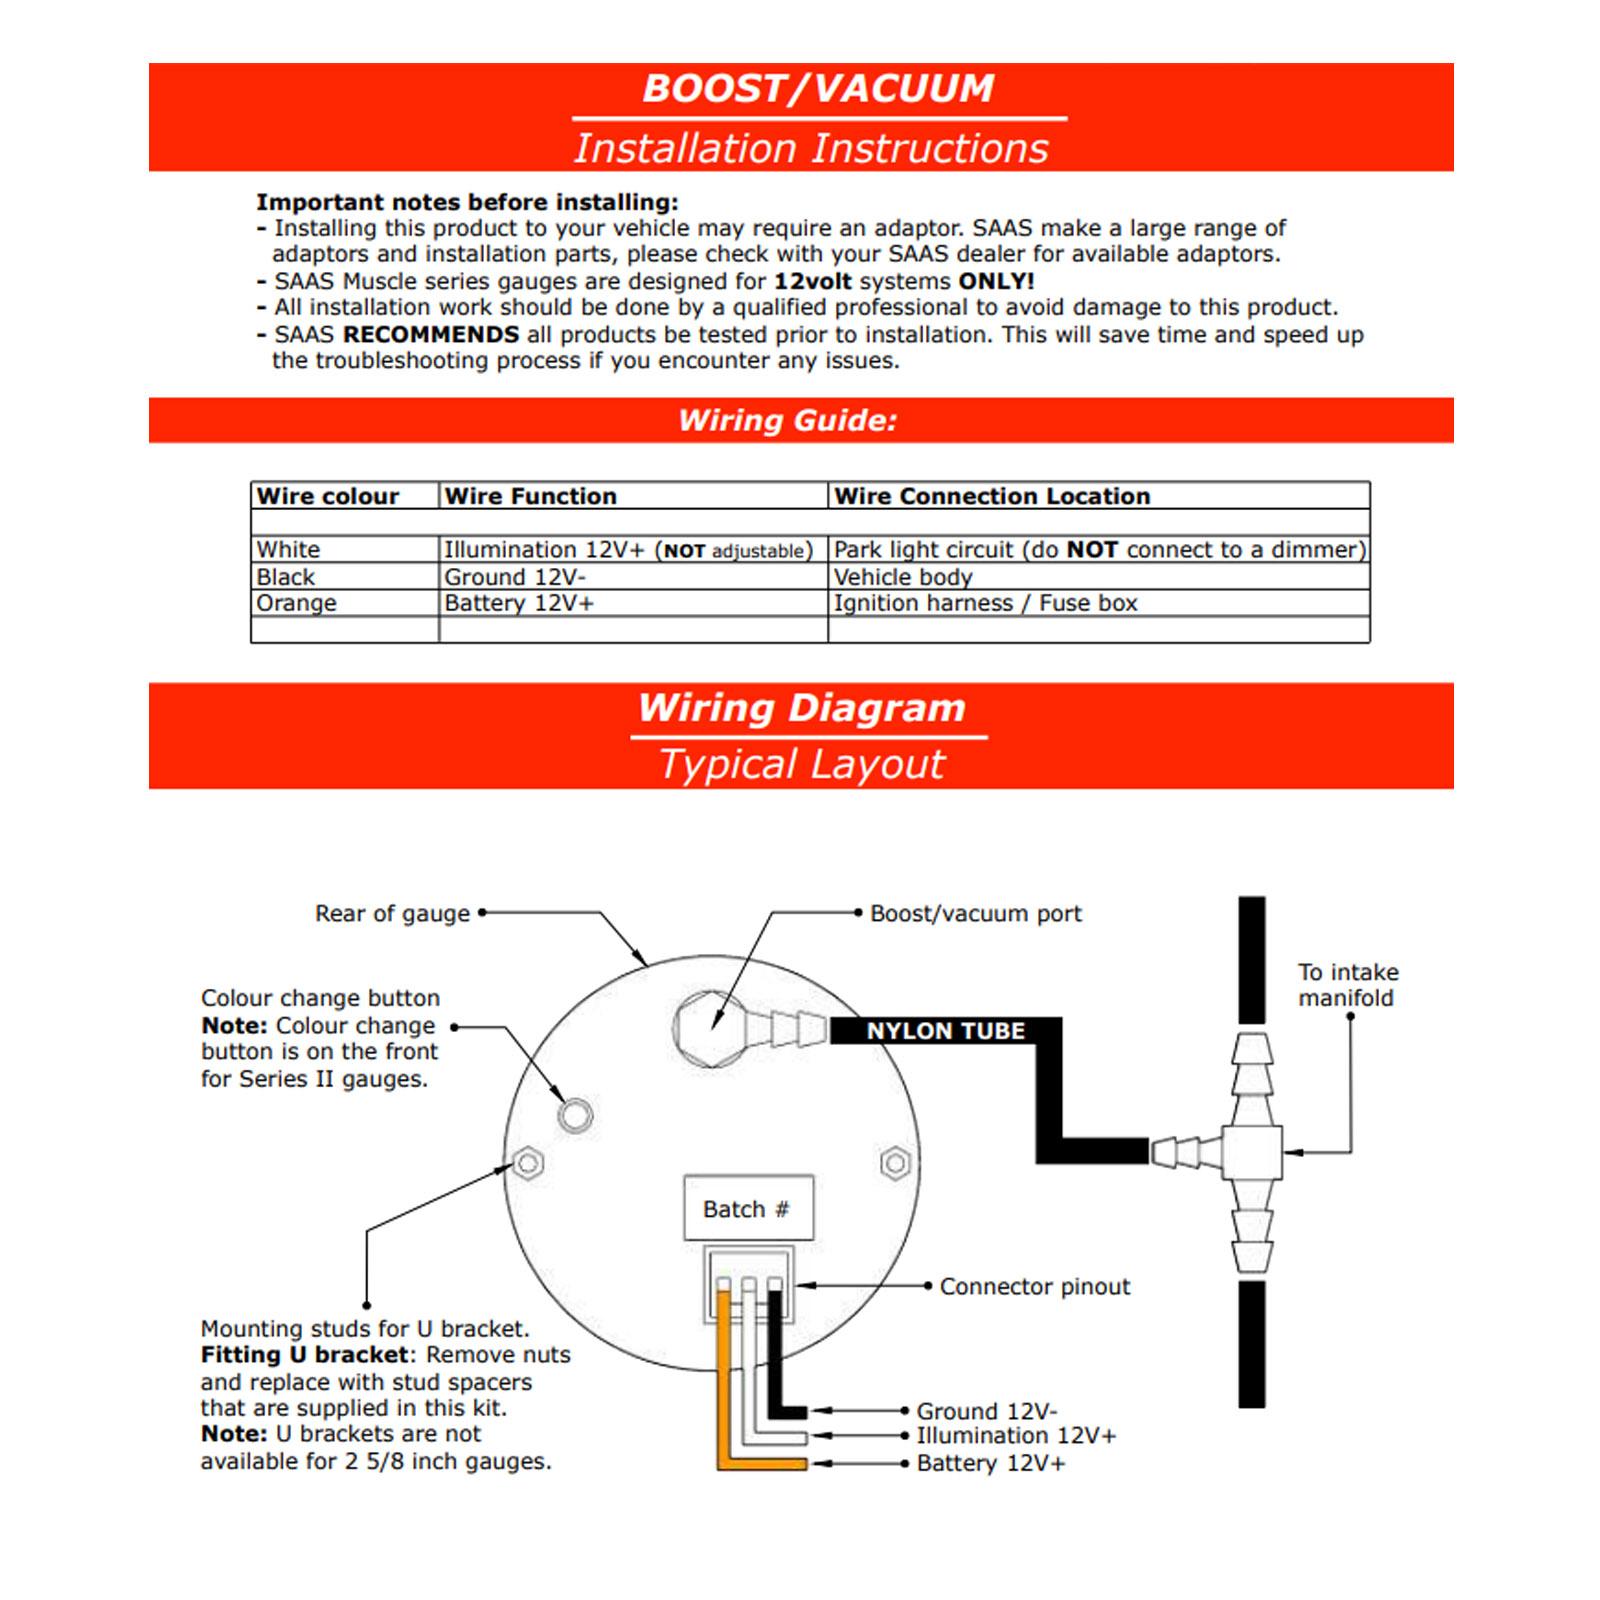 temperature gauge wiring diagram 7 way trailer plug dodge saas egt exhaust temp 900 degrees 43 diesel boost 30